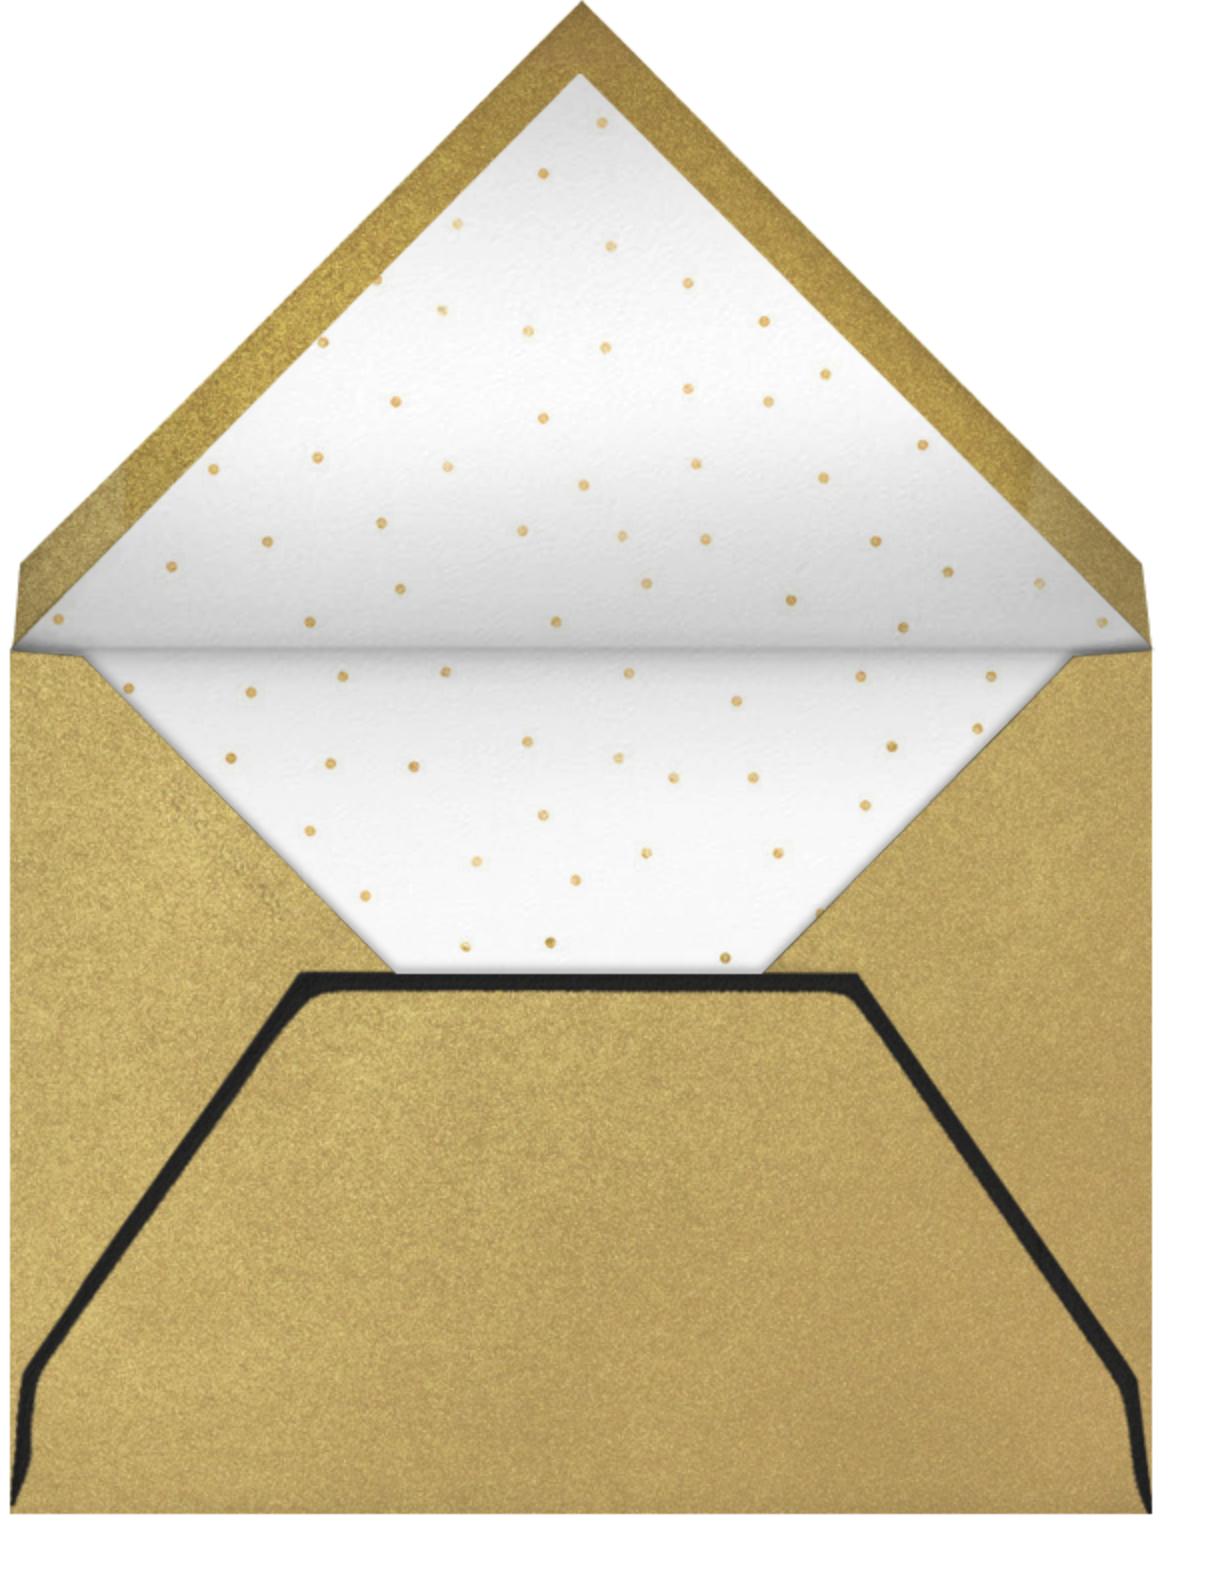 Almaviva - Join Us - Paperless Post - Rehearsal dinner - envelope back